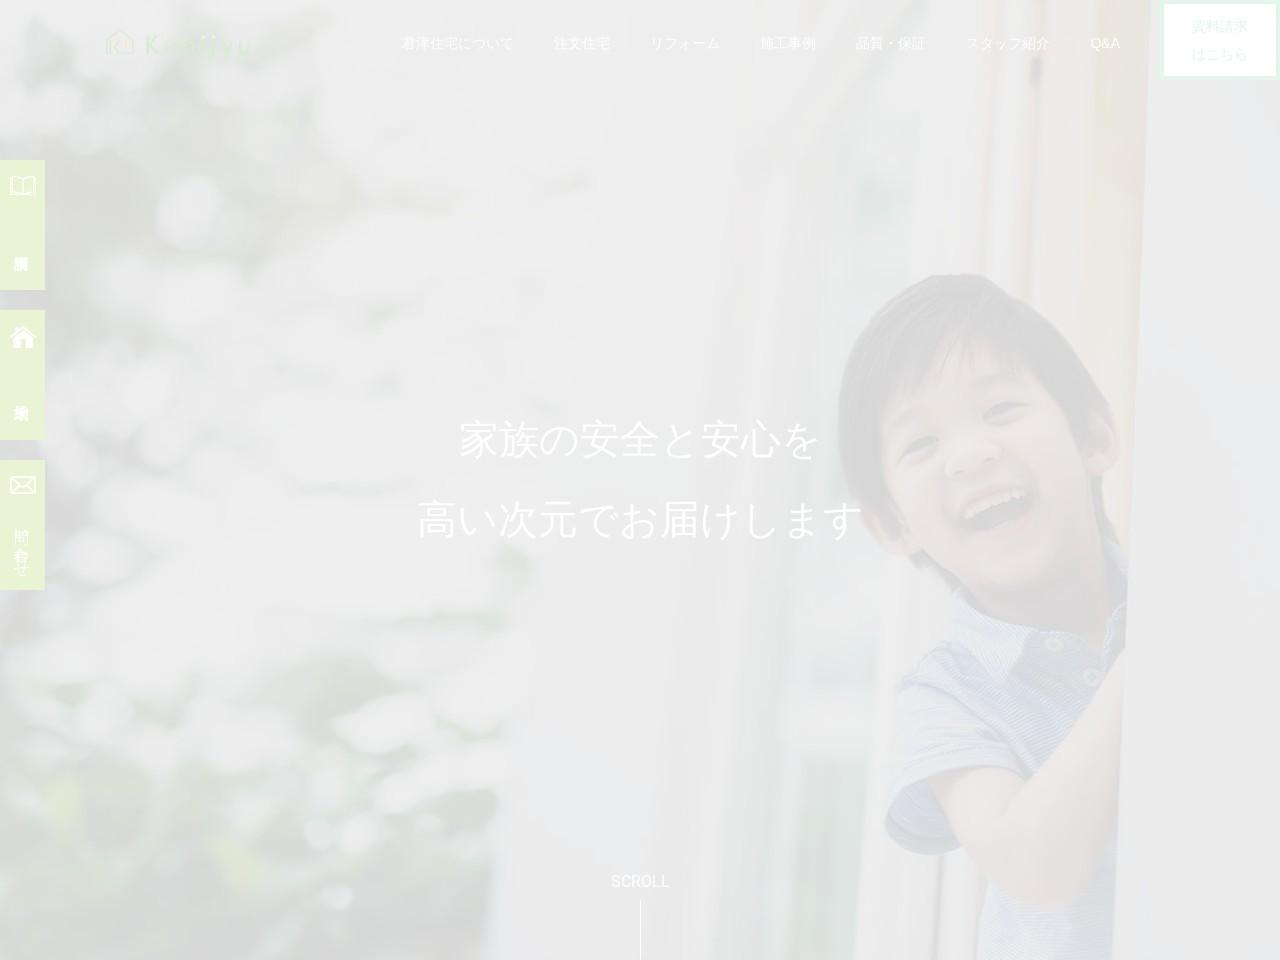 株式会社君津住宅/本社/住宅営業部